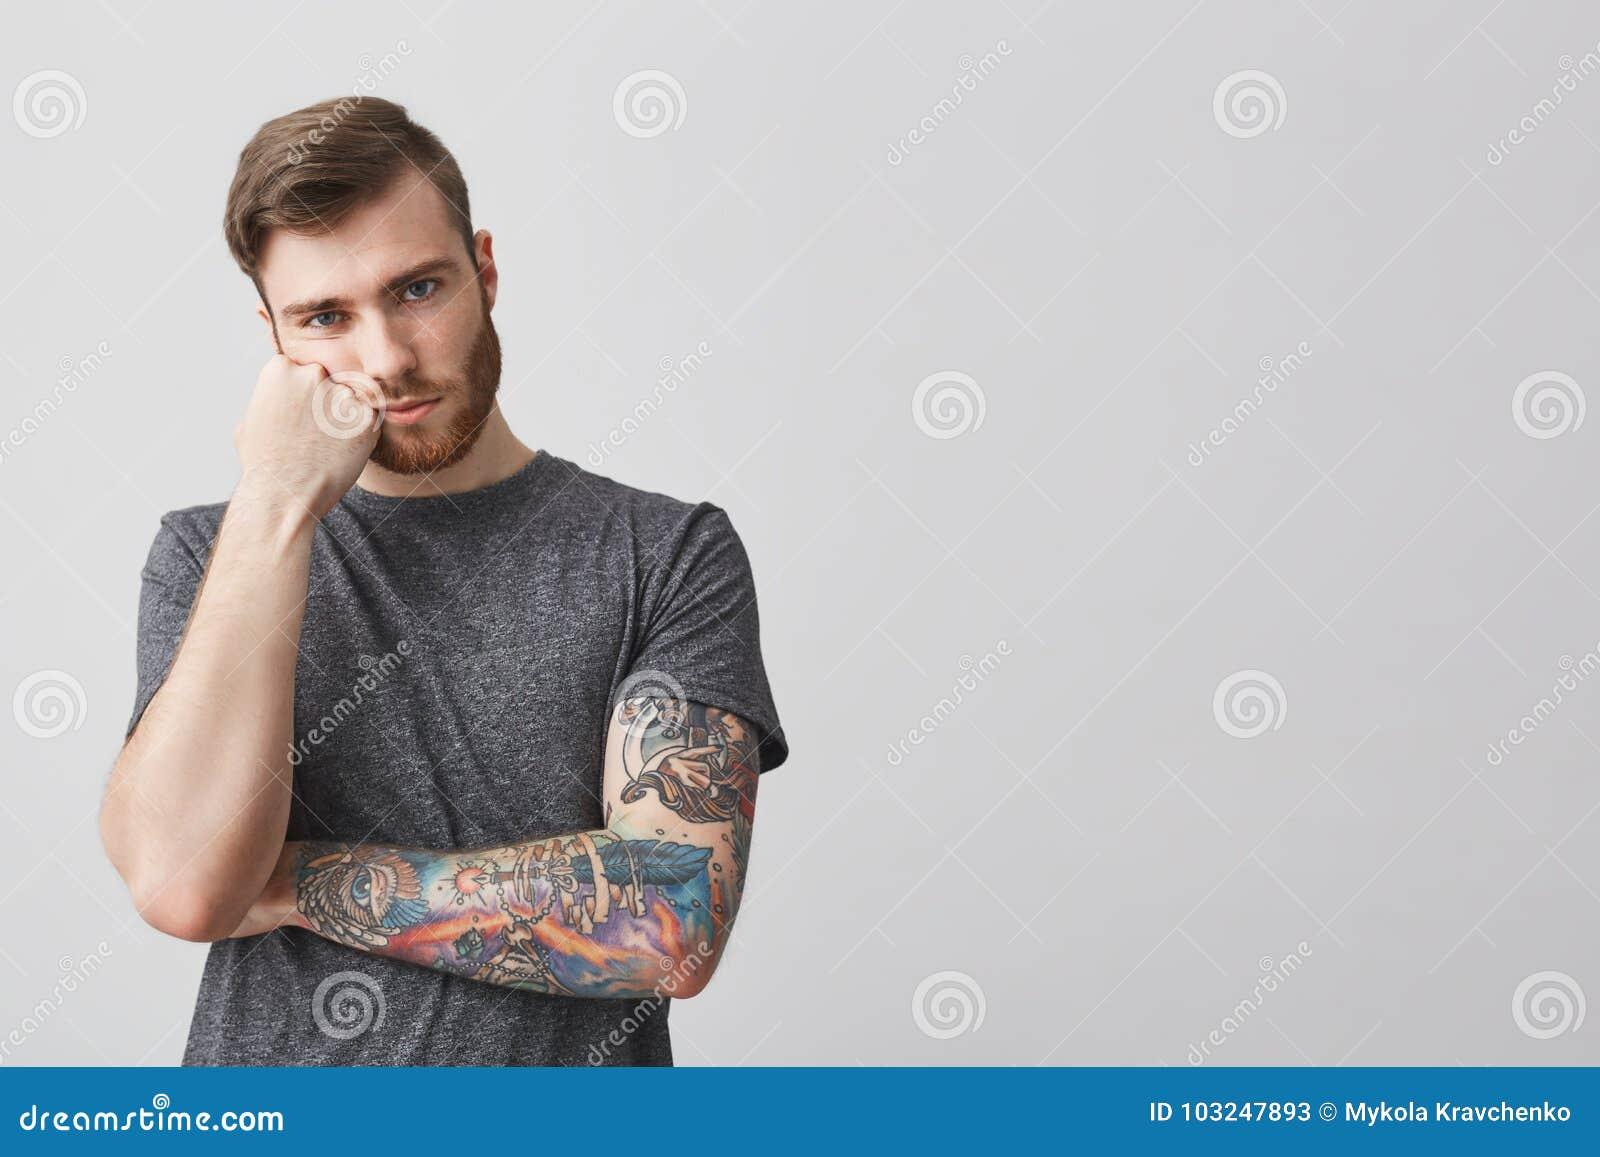 Δυστυχισμένος ελκυστικός νεαρός άνδρας με τη γενειάδα και διαστισμένο κεφάλι εκμετάλλευσης βραχιόνων με το χέρι, που τρυπιέται με